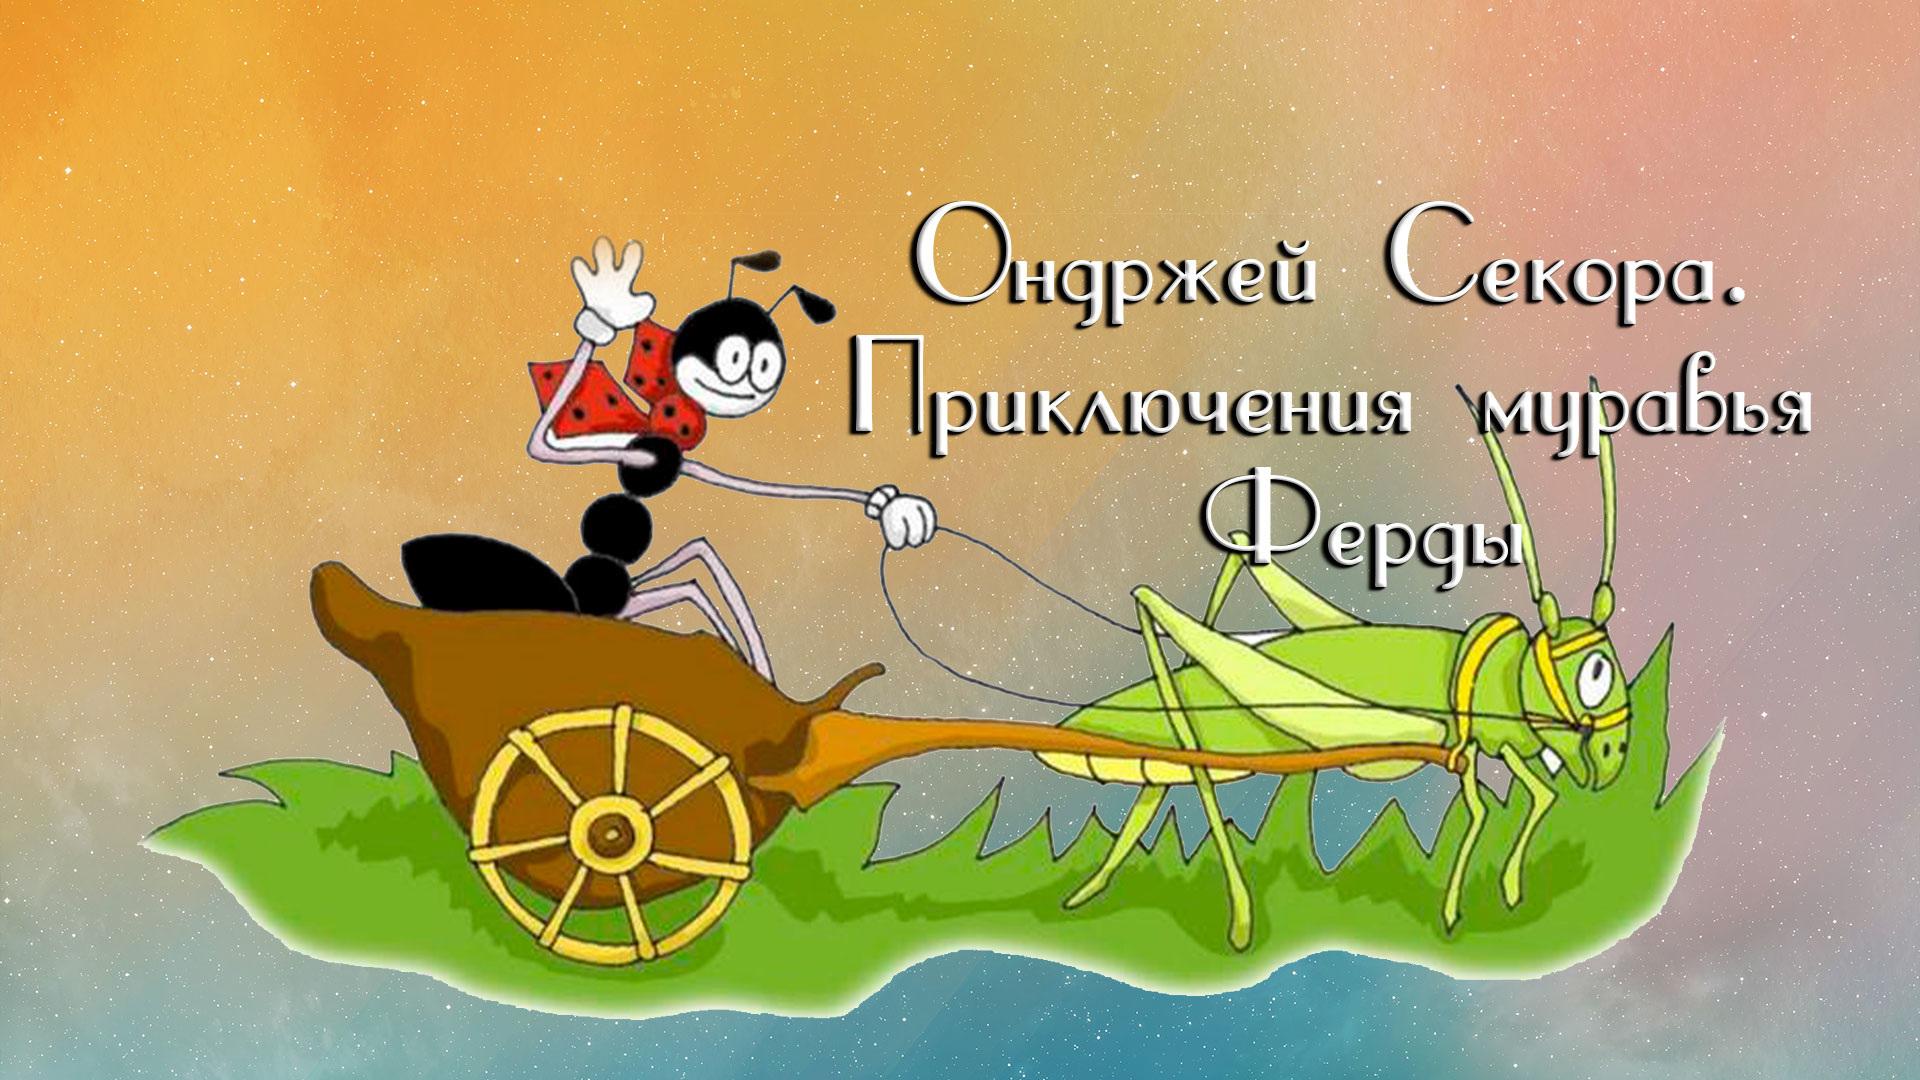 Ондржей Секора. Приключения муравья Ферды